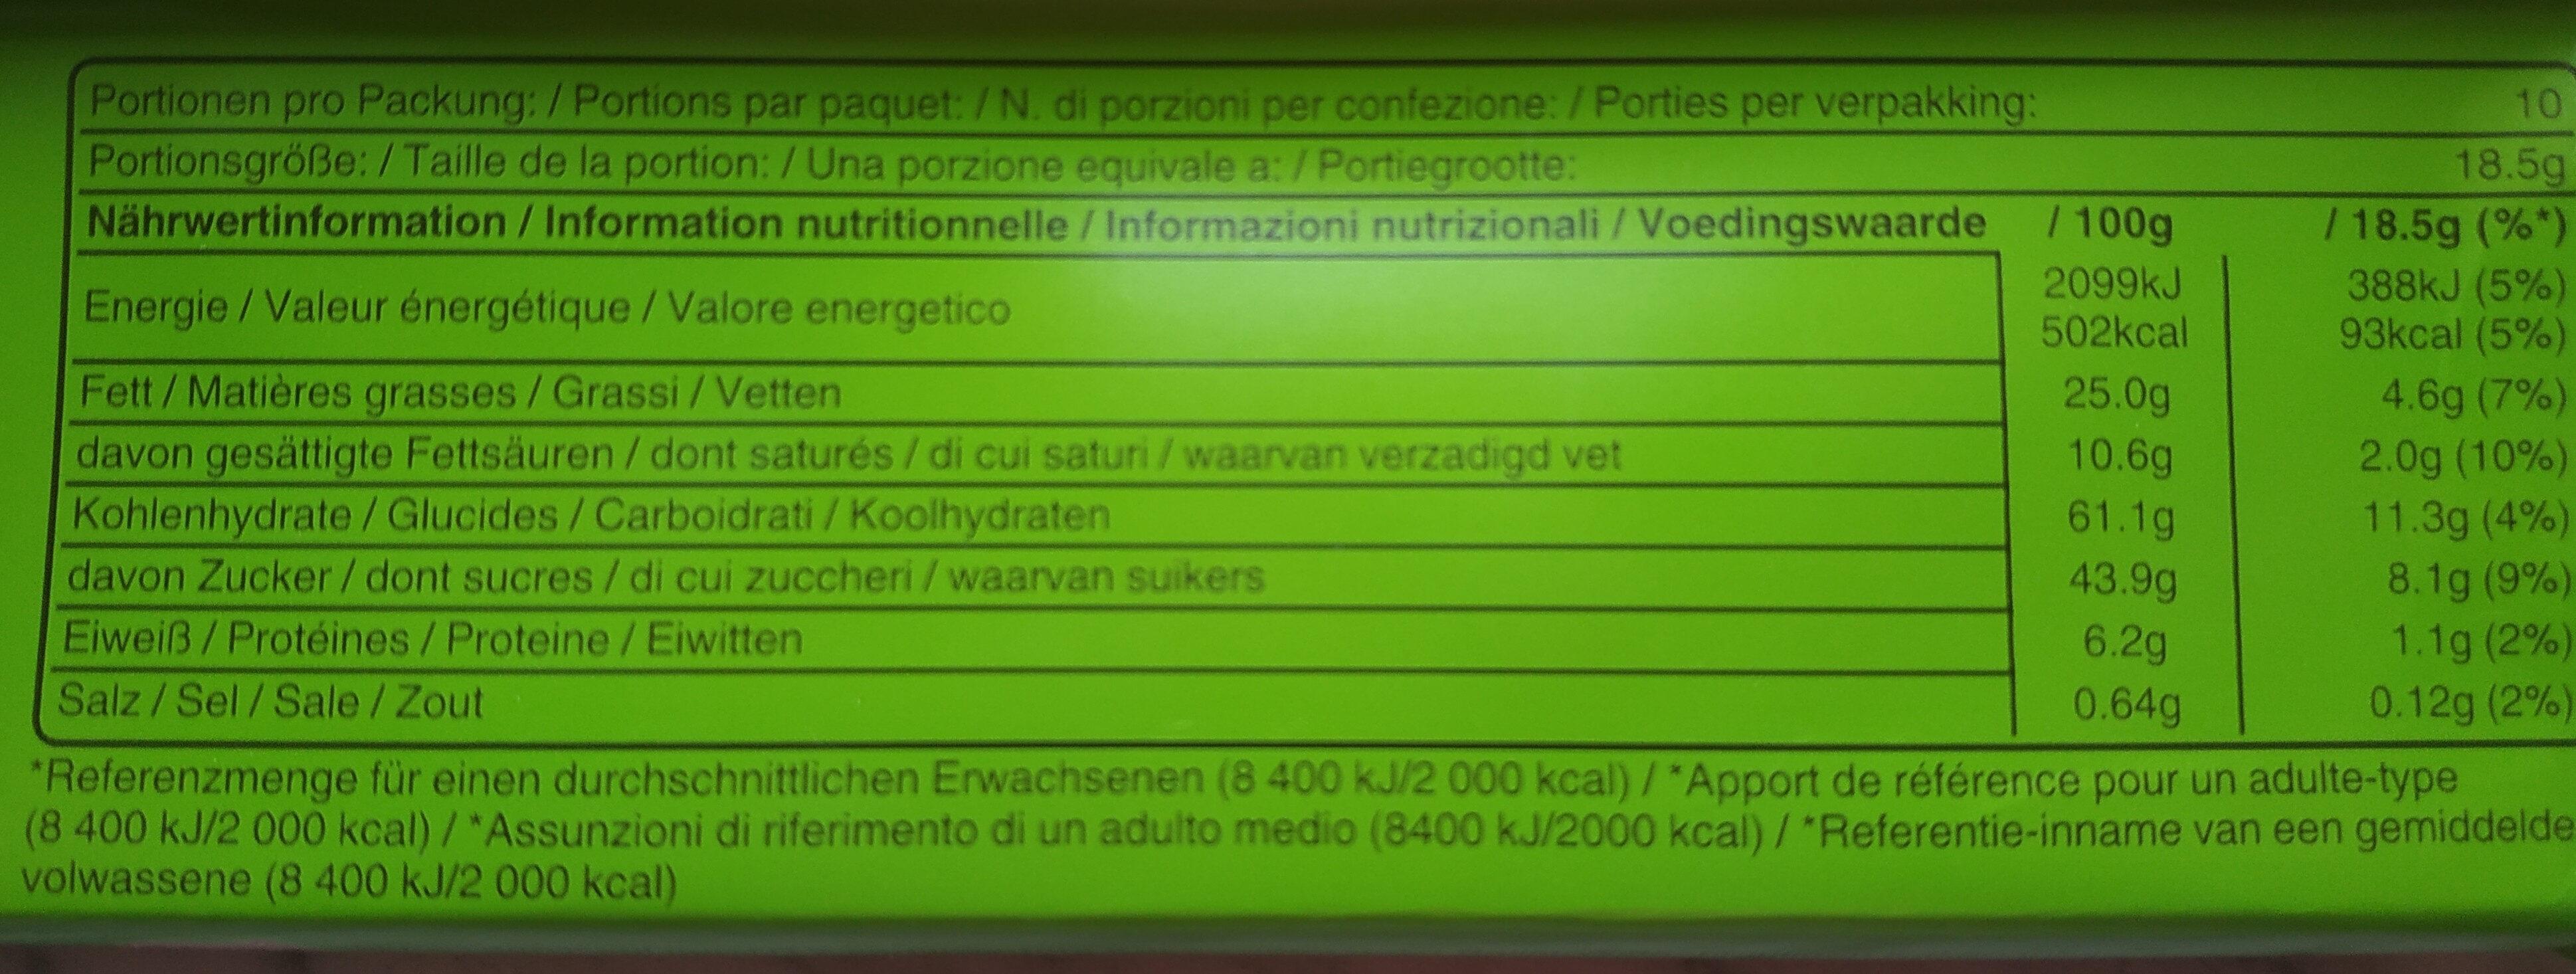 Balisto muesli raisins noisettes - Nutrition facts